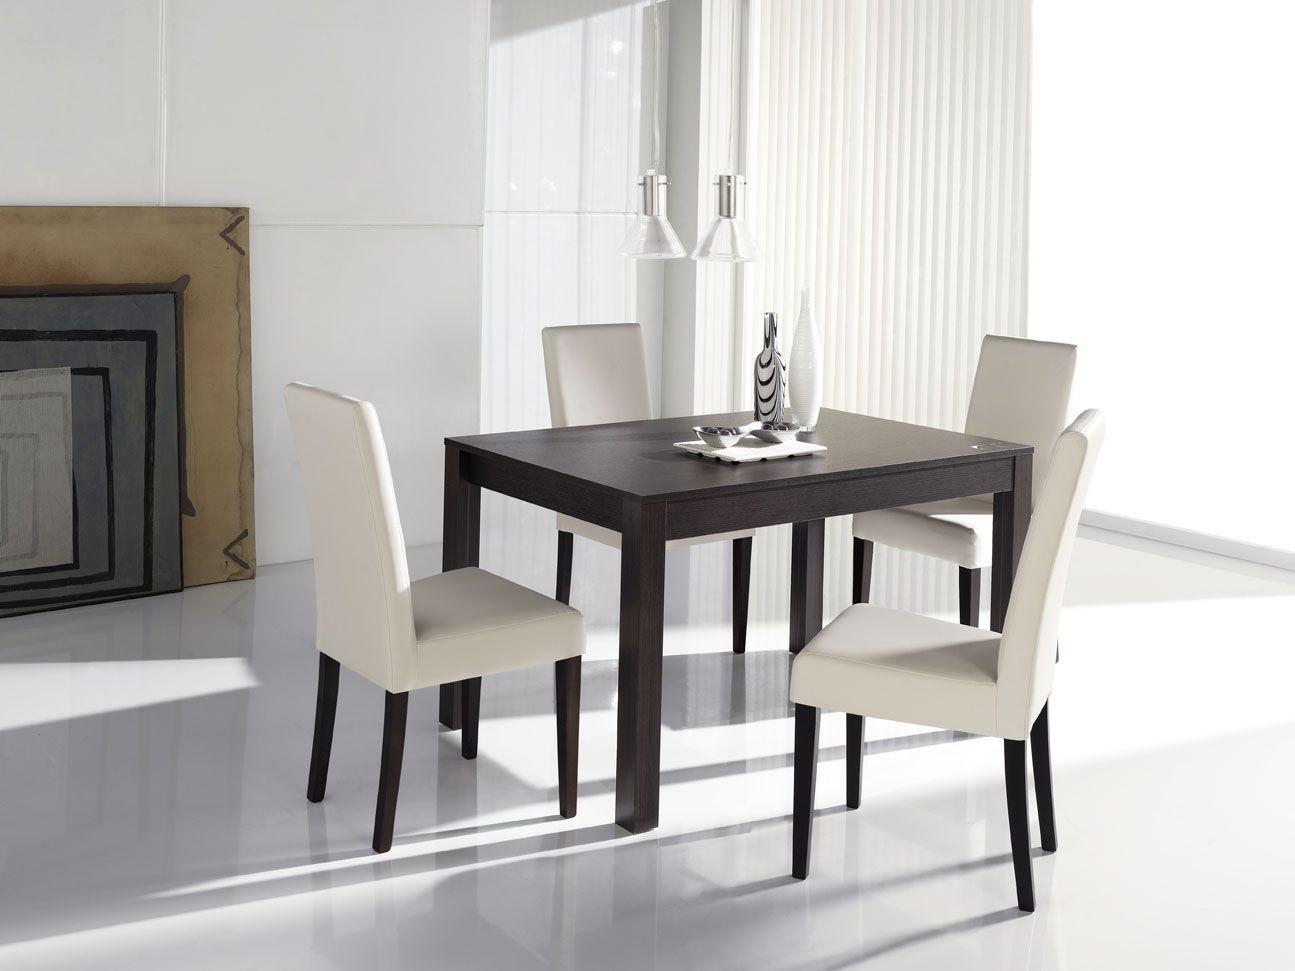 Packs conjunto mesa y sillas comedor 271 01 mesas gran variedad en packs conjunto mesa - Conjunto mesa y sillas comedor oferta ...